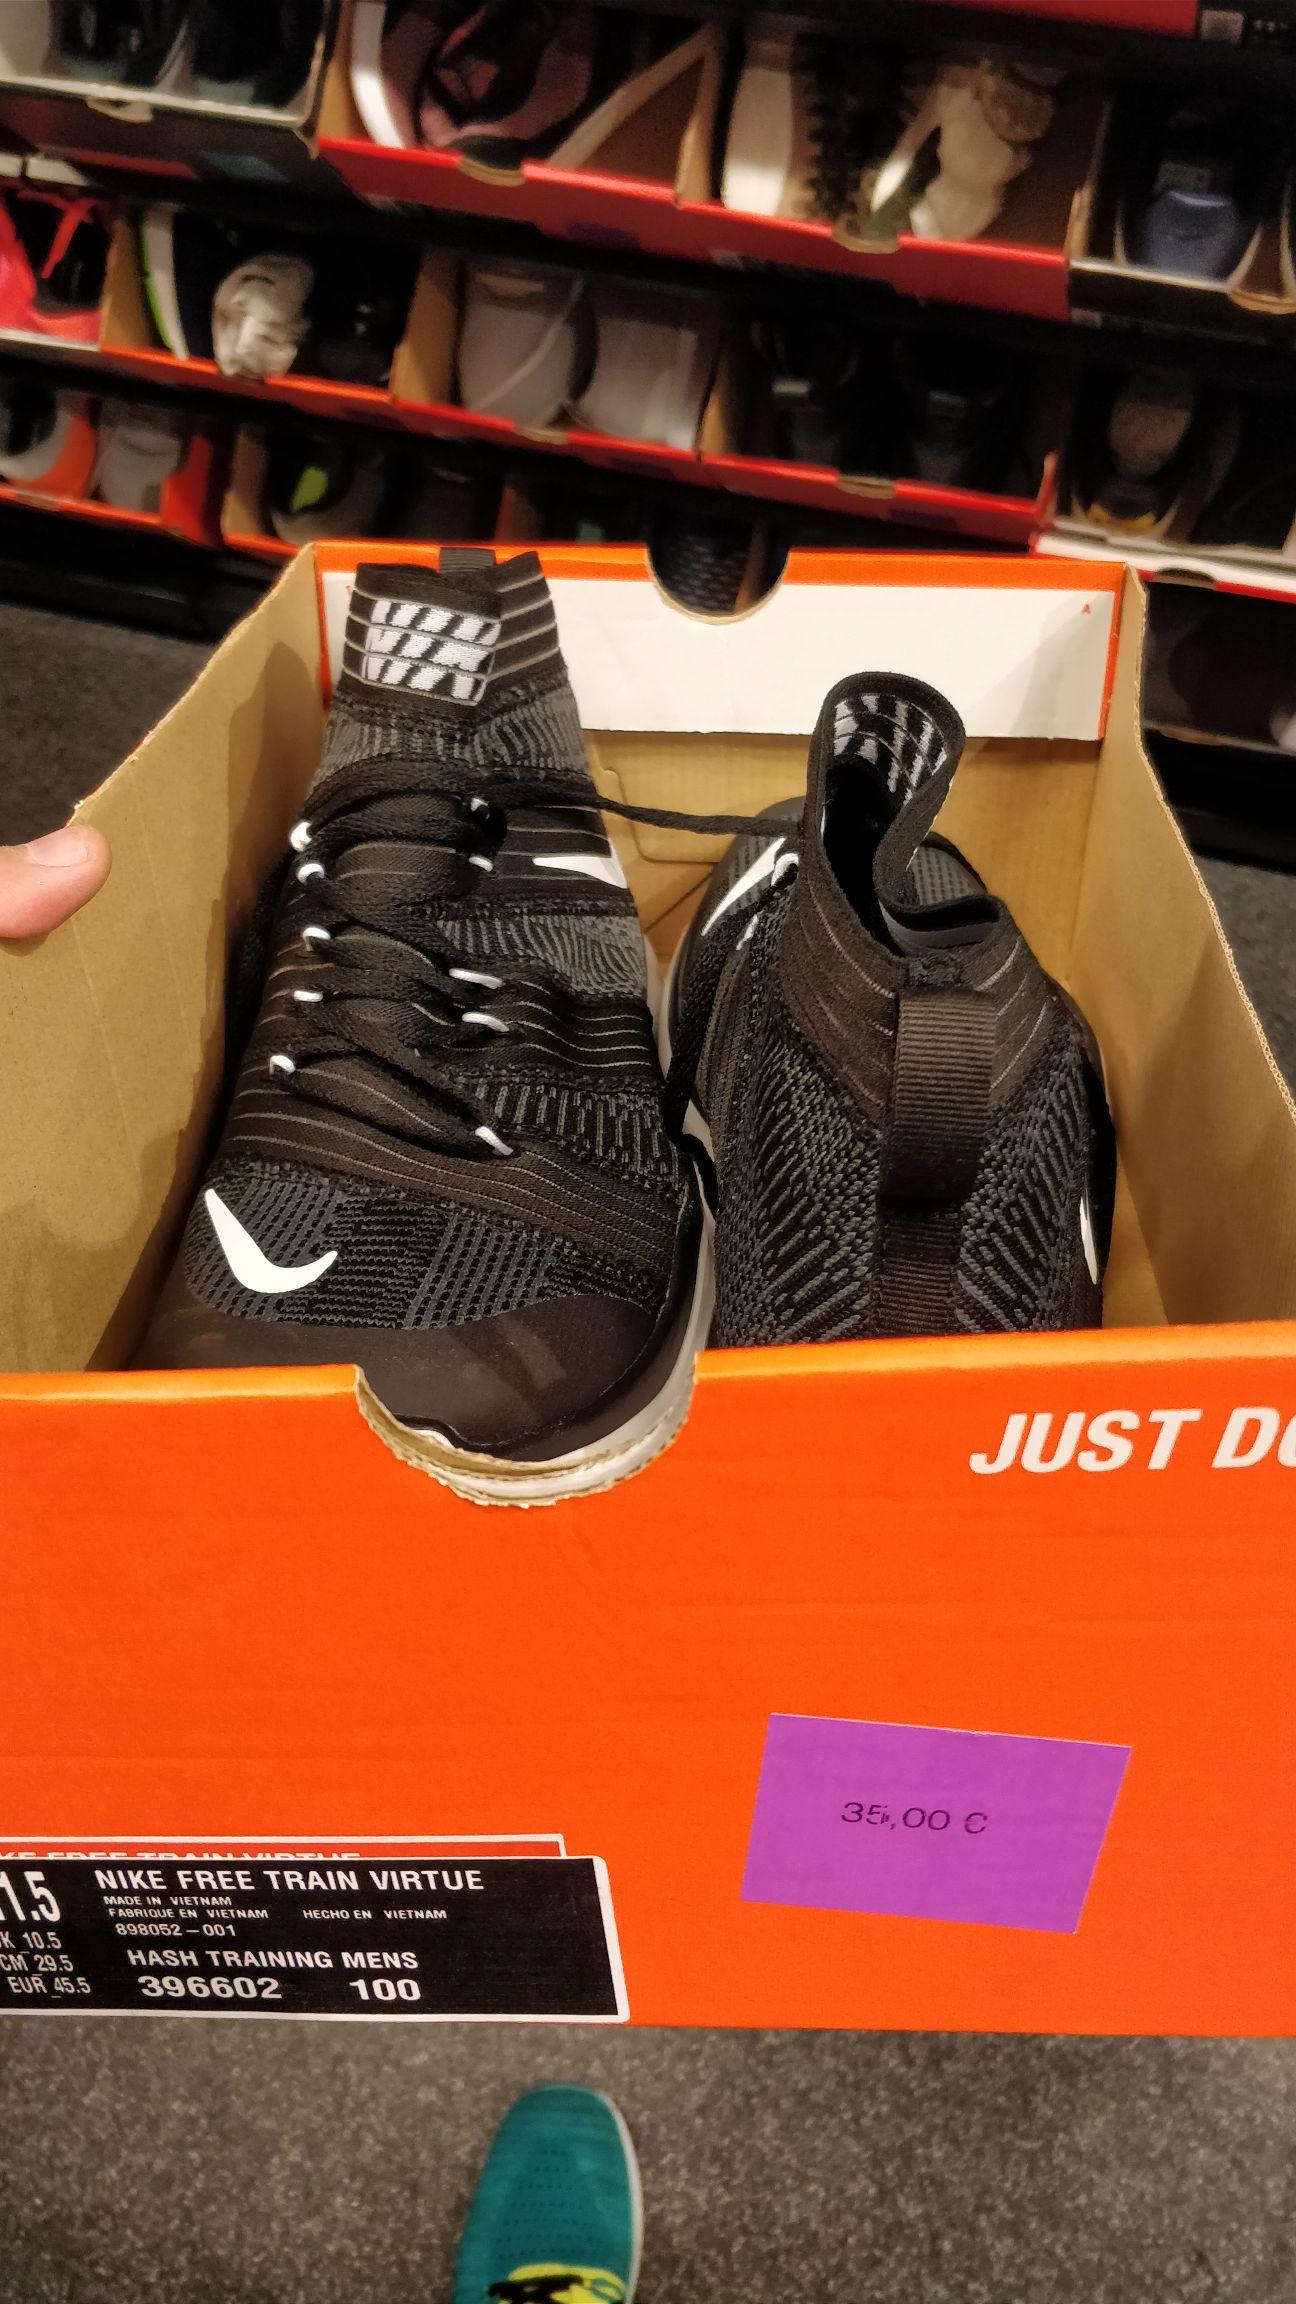 50% de réduction sur toutes les paires de chaussures homme inférieures à 45€ - Paris nord 2 (95)